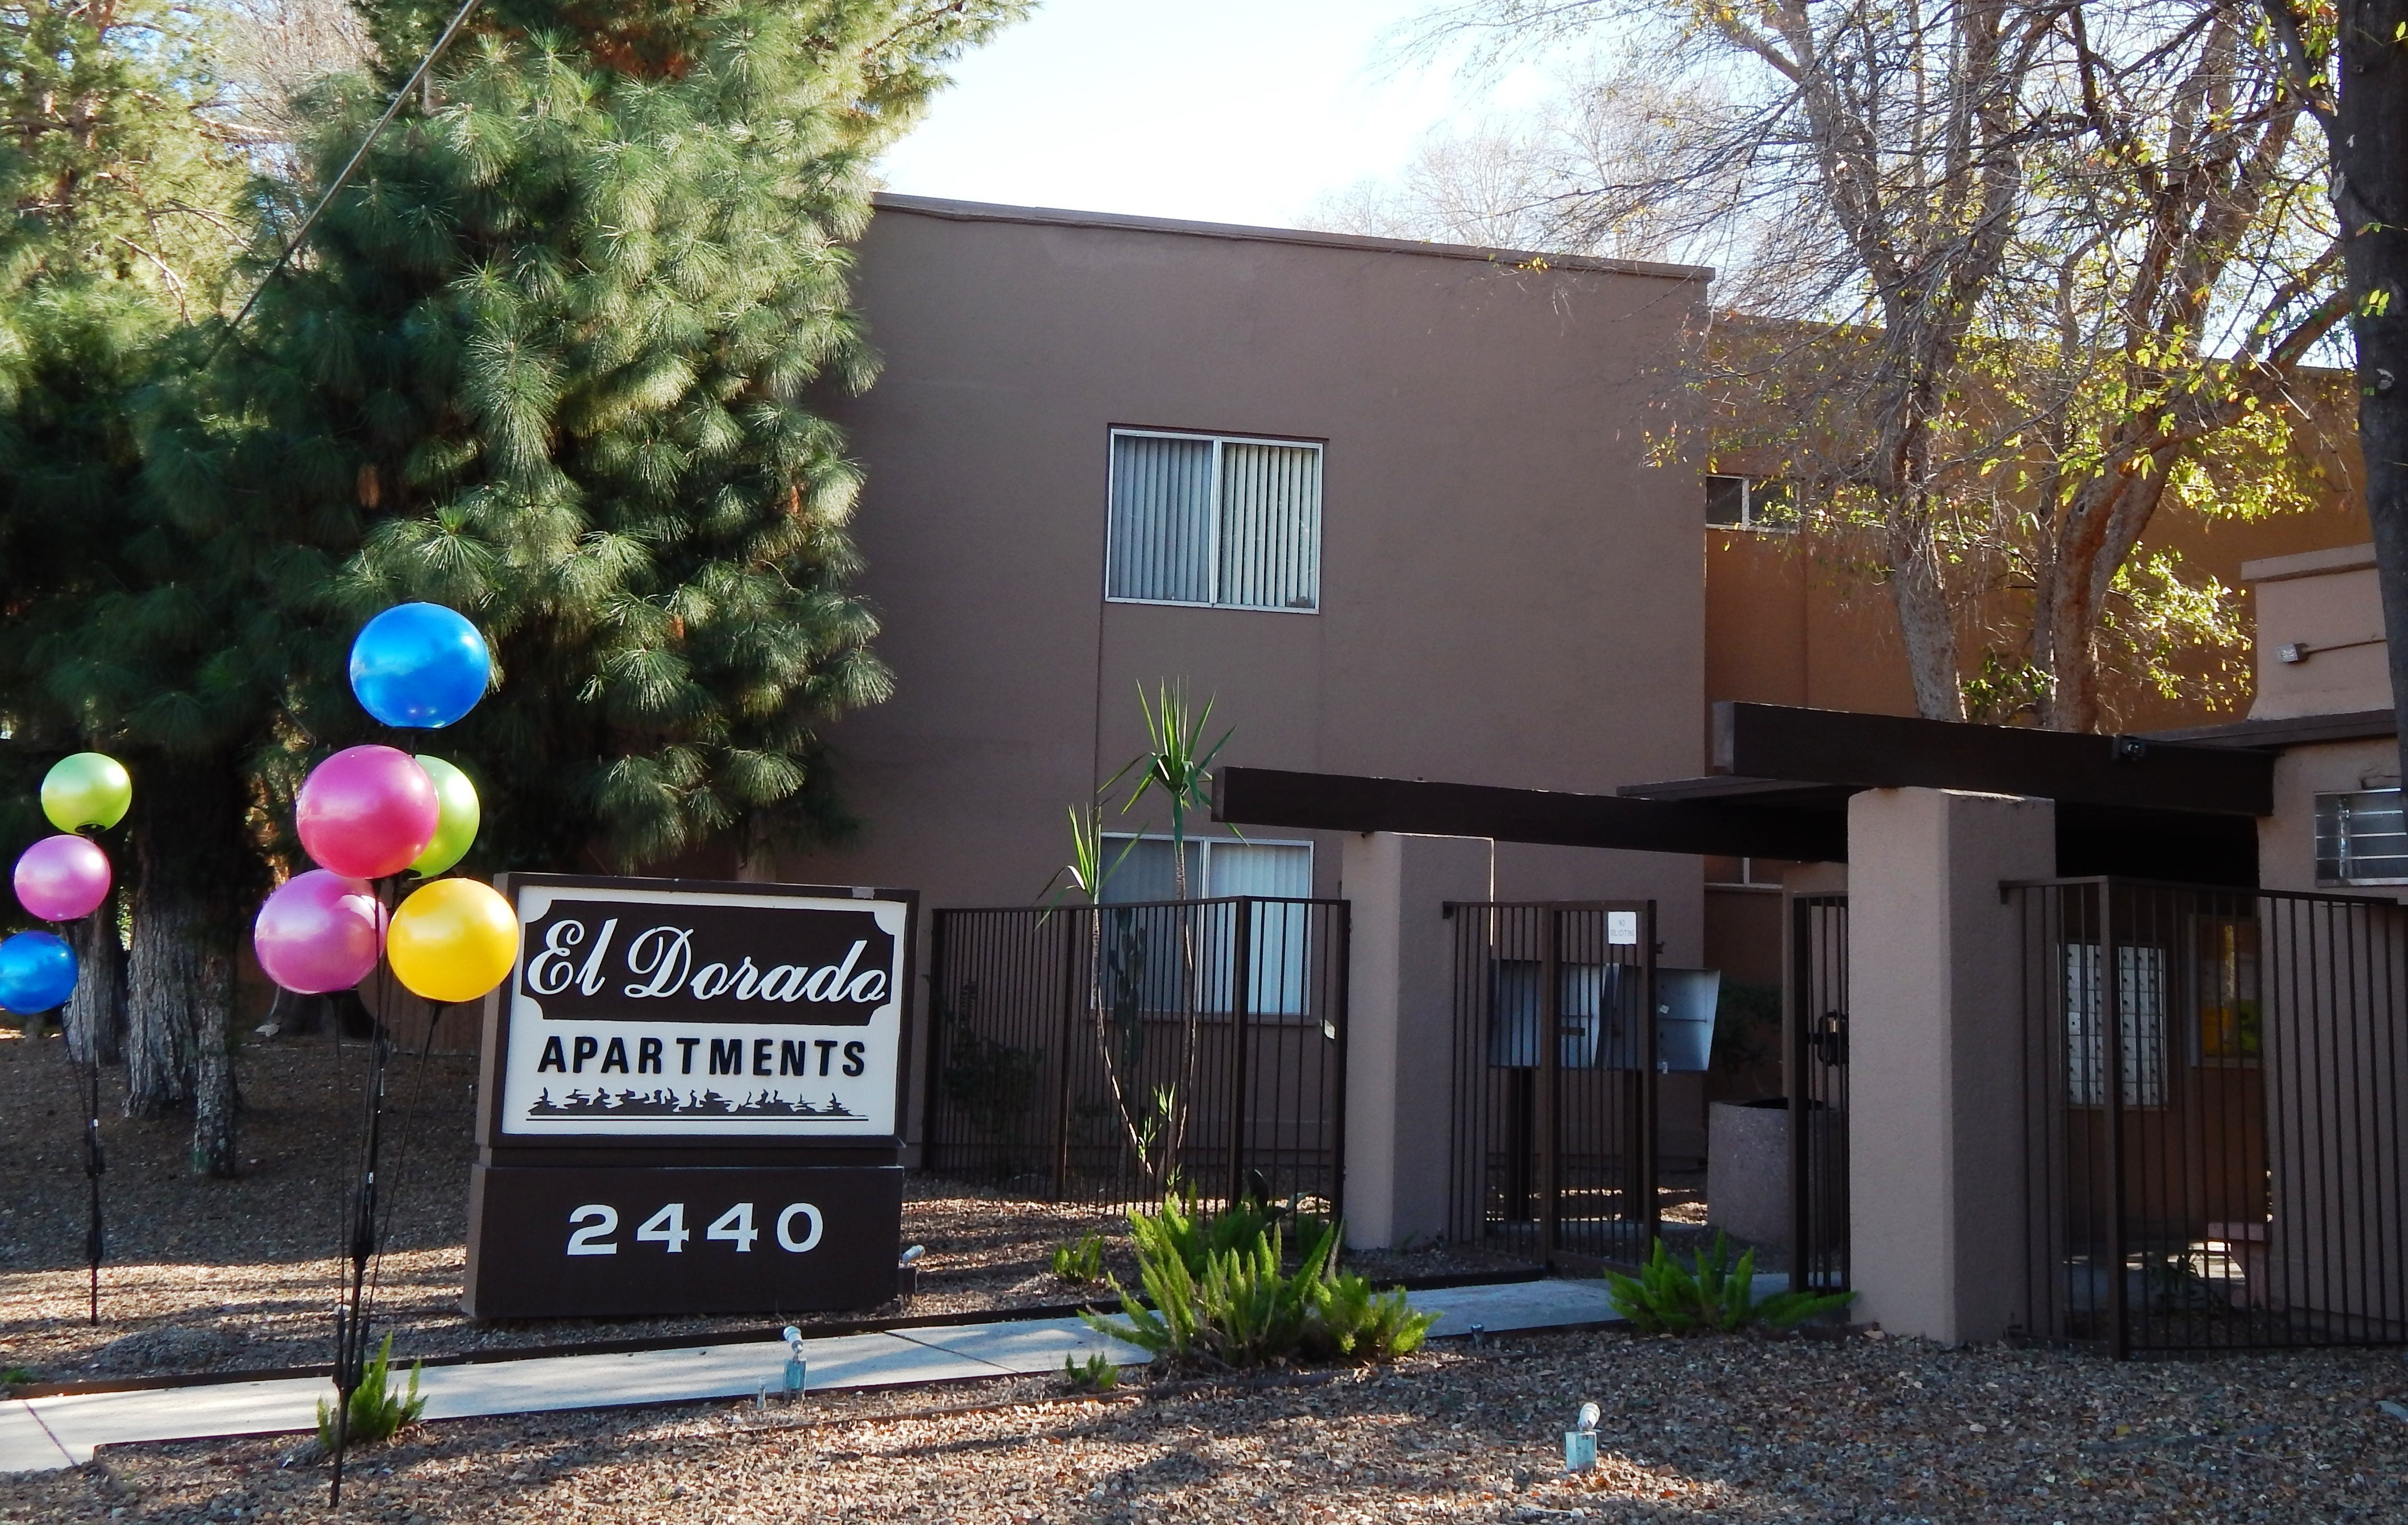 El Dorado Apts Apartments for Rent 2440 E Glenn St Tucson AZ